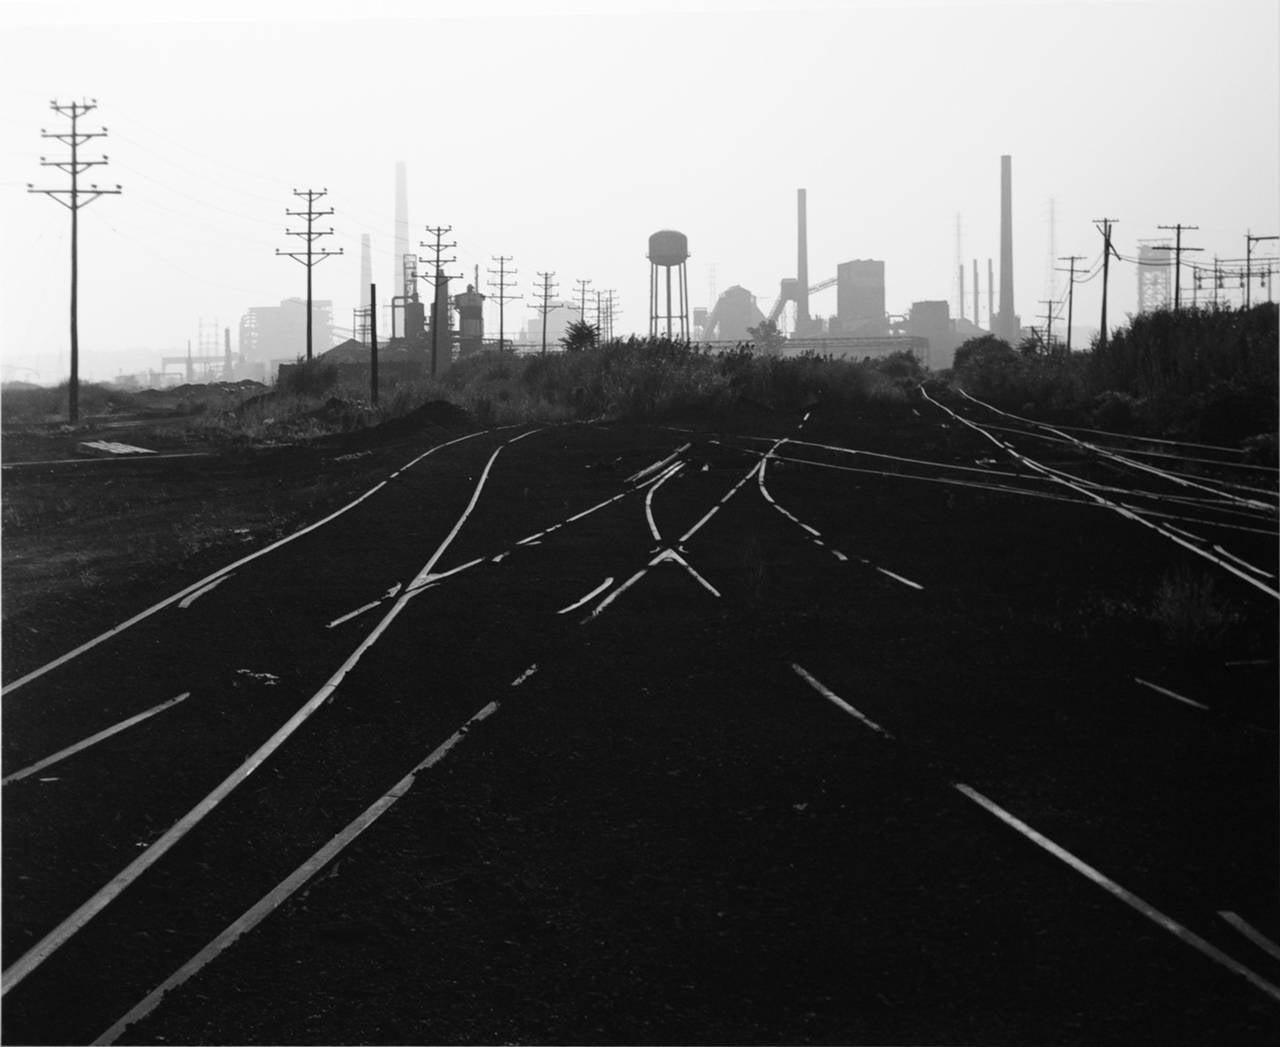 Industrial Landscape, Kearny, NJ